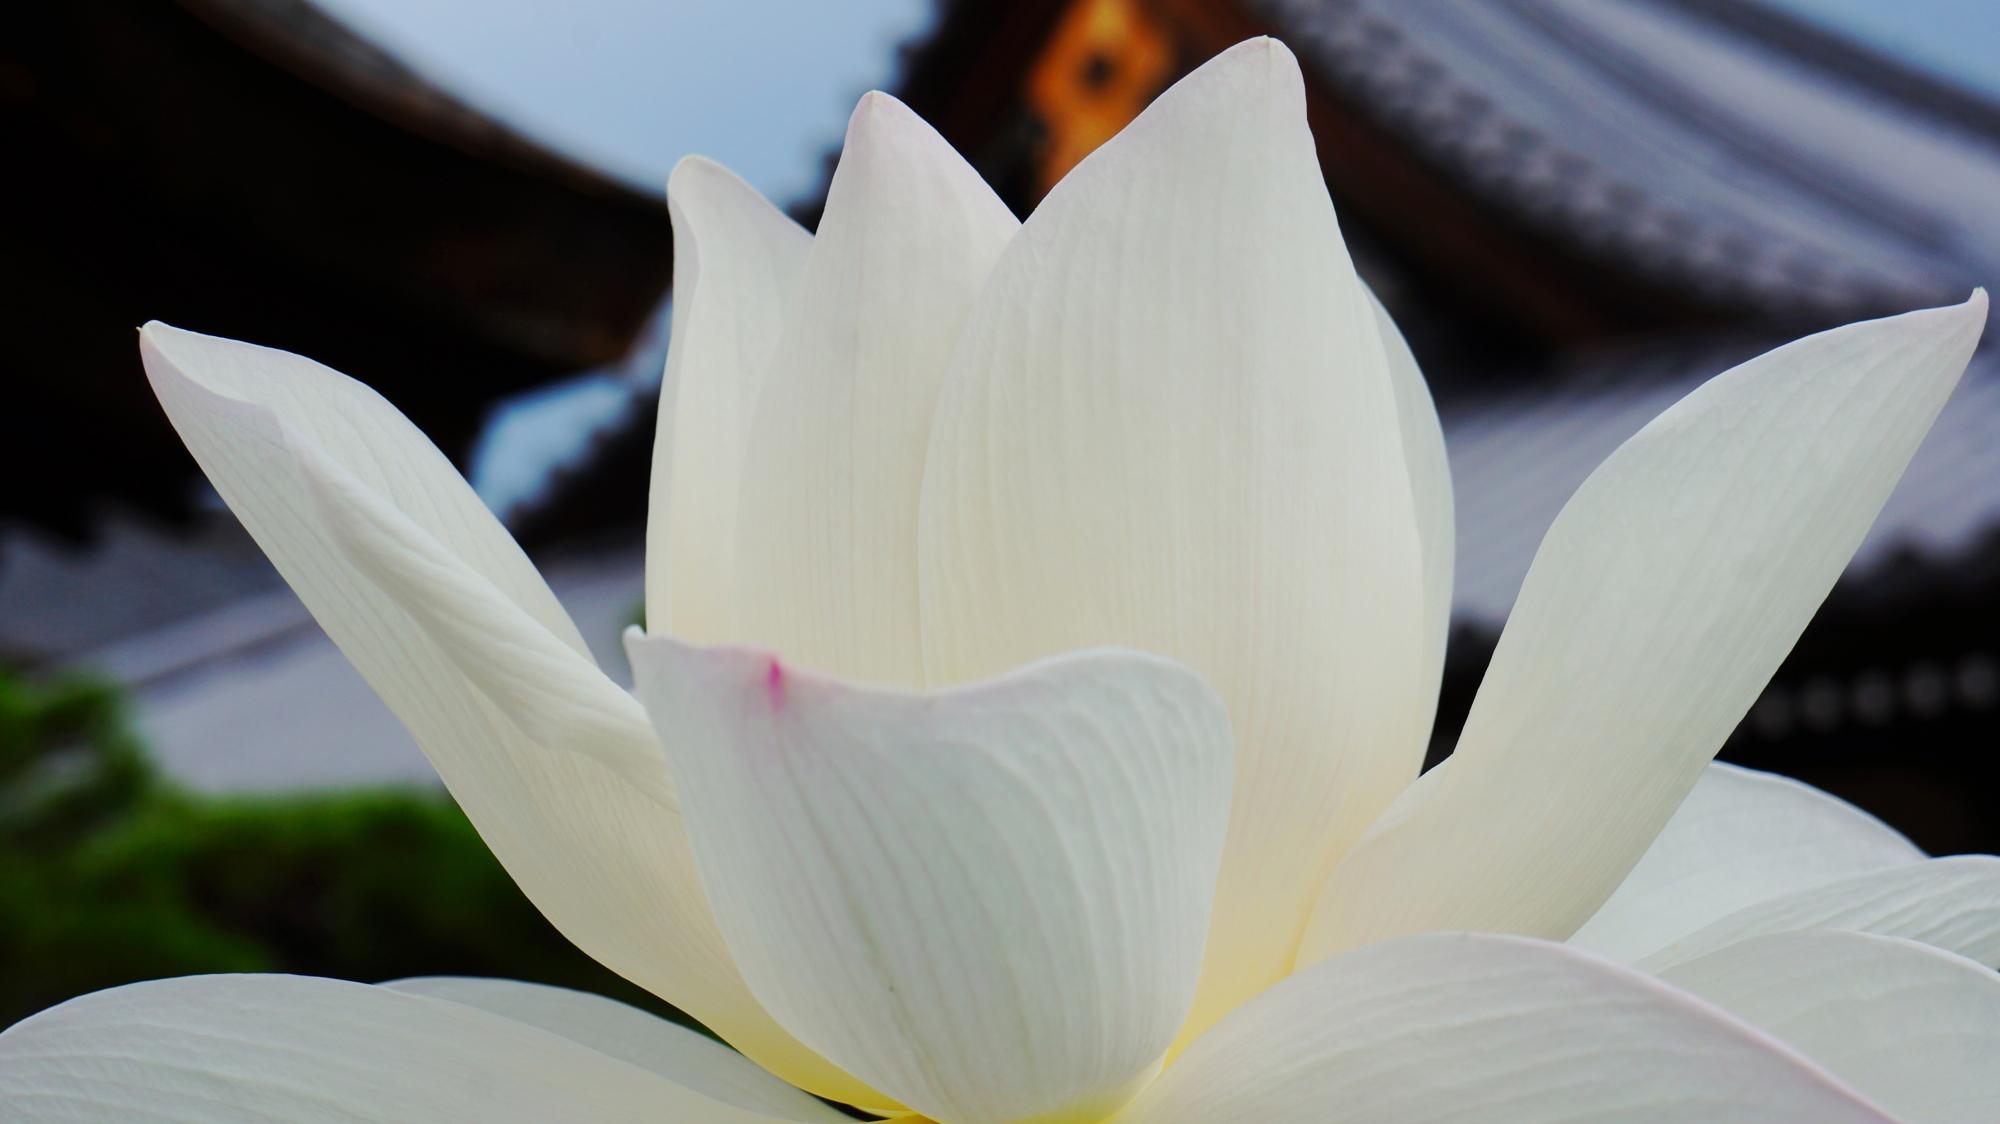 法金剛院の礼堂を真っ白に染める純白の蓮の花